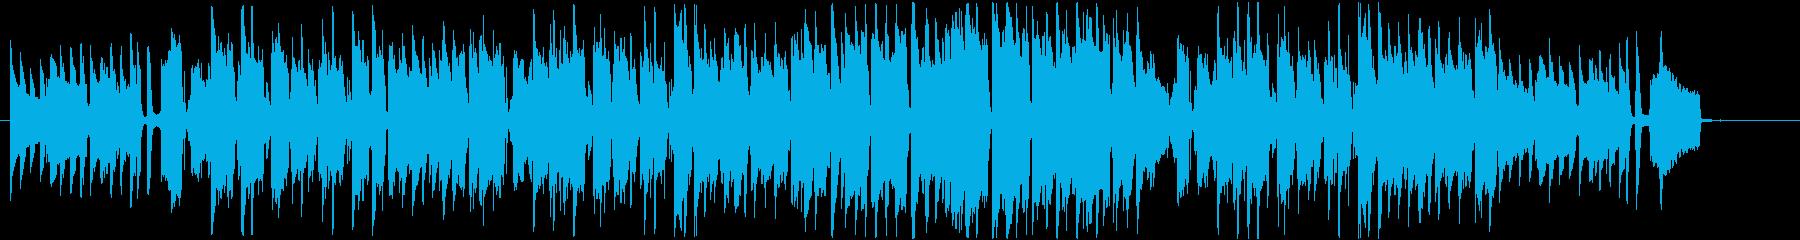 ウクレレ・ギター・フルートなど楽しげな曲の再生済みの波形